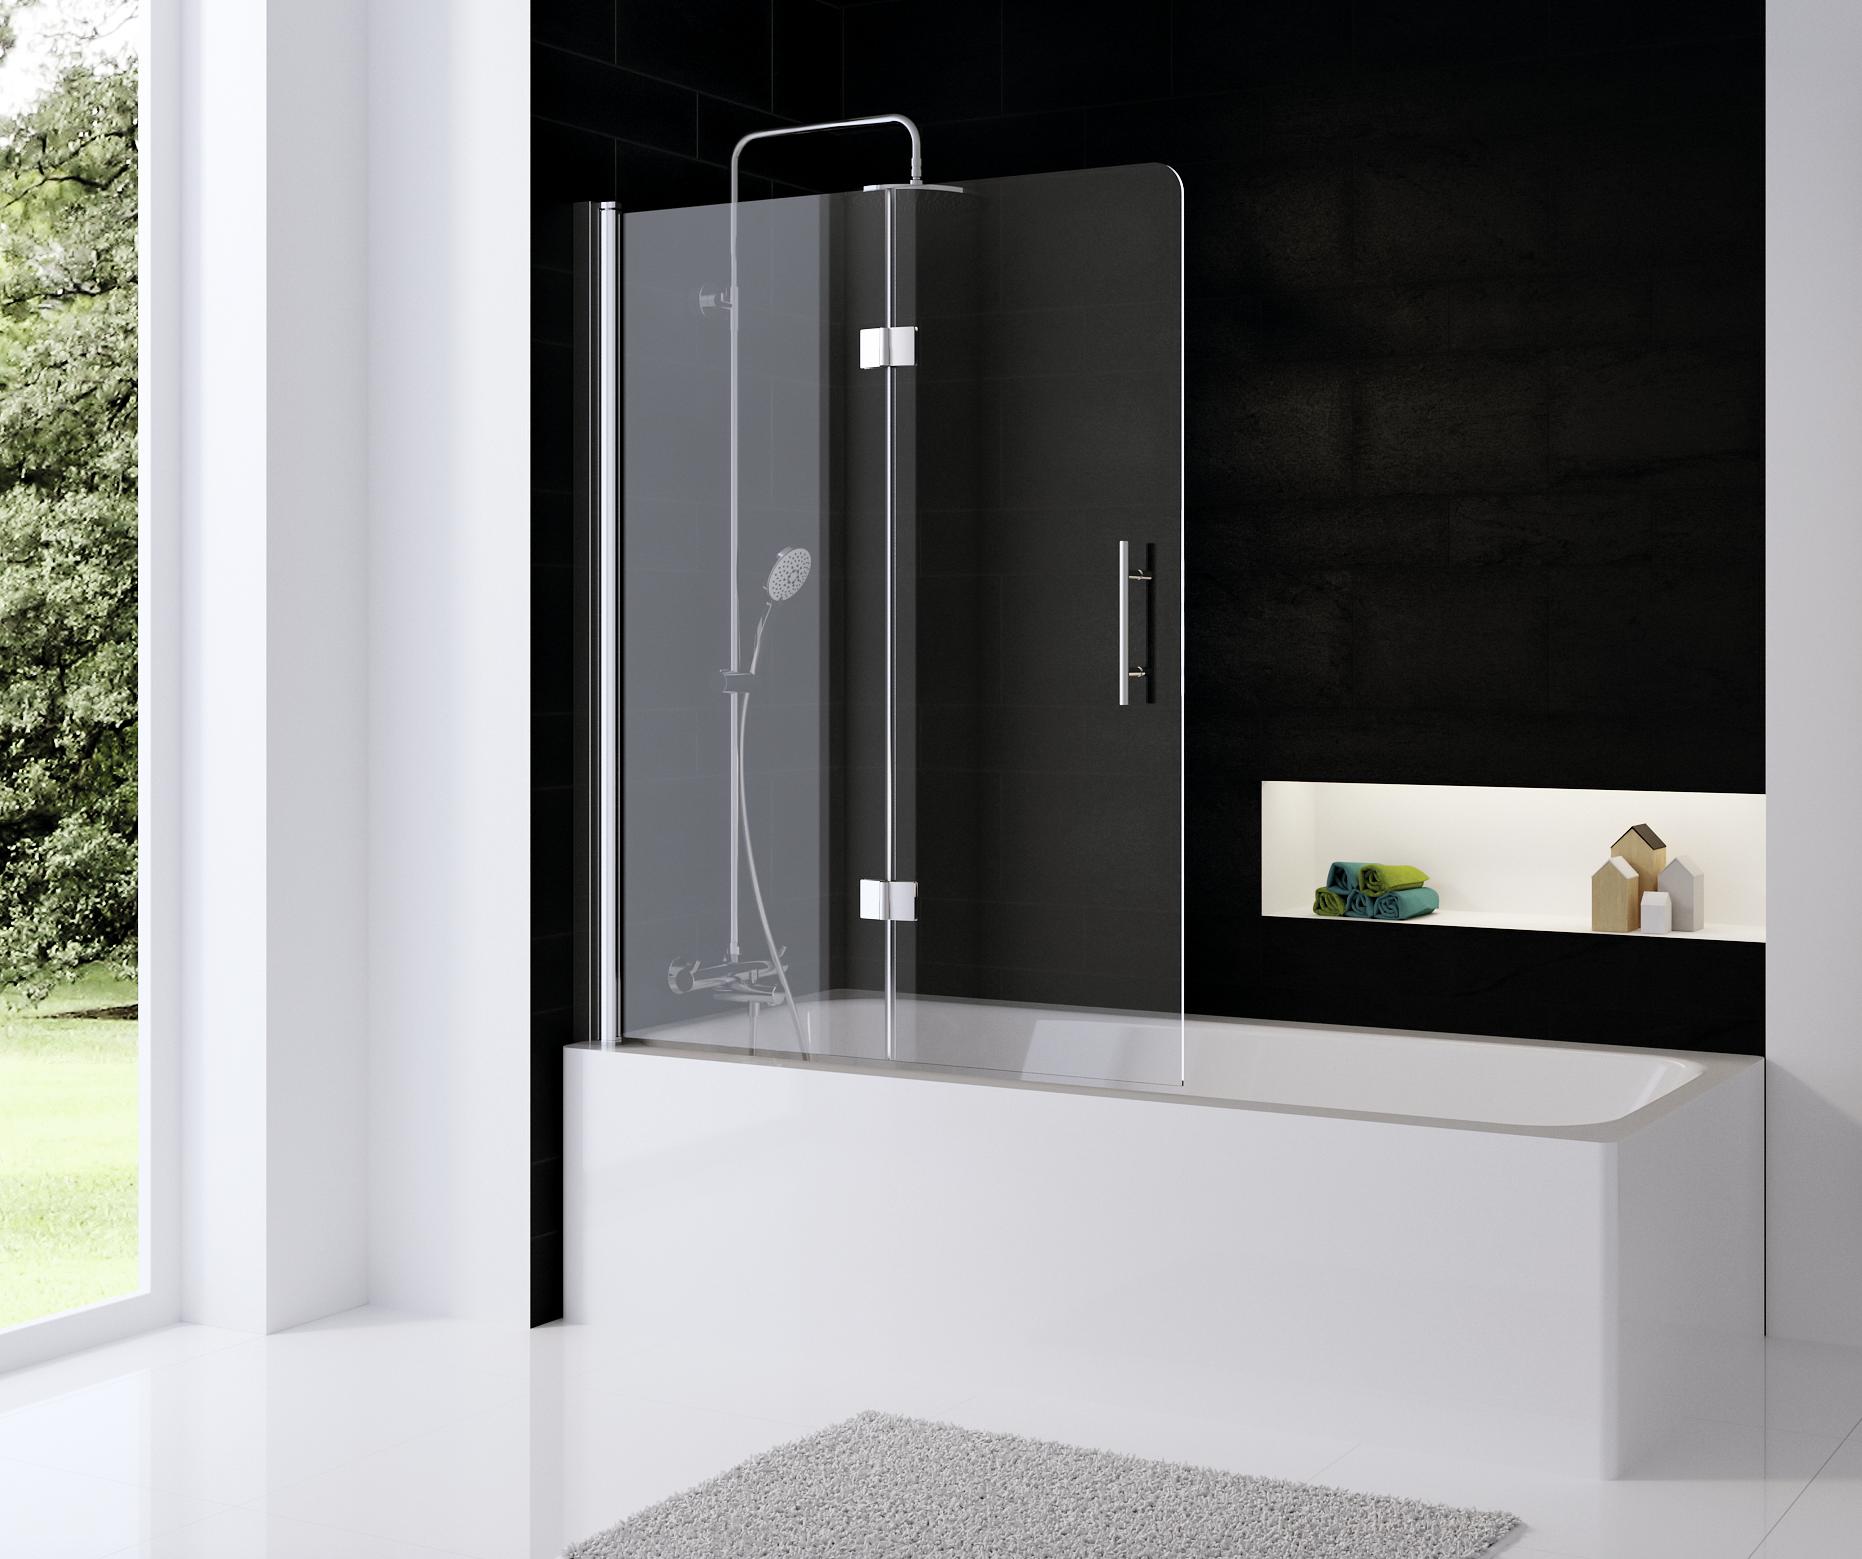 De Perfect Oplossing Voor De Badkuip Een Hsk Badwand Badkamer Douchecabine Badkuipen